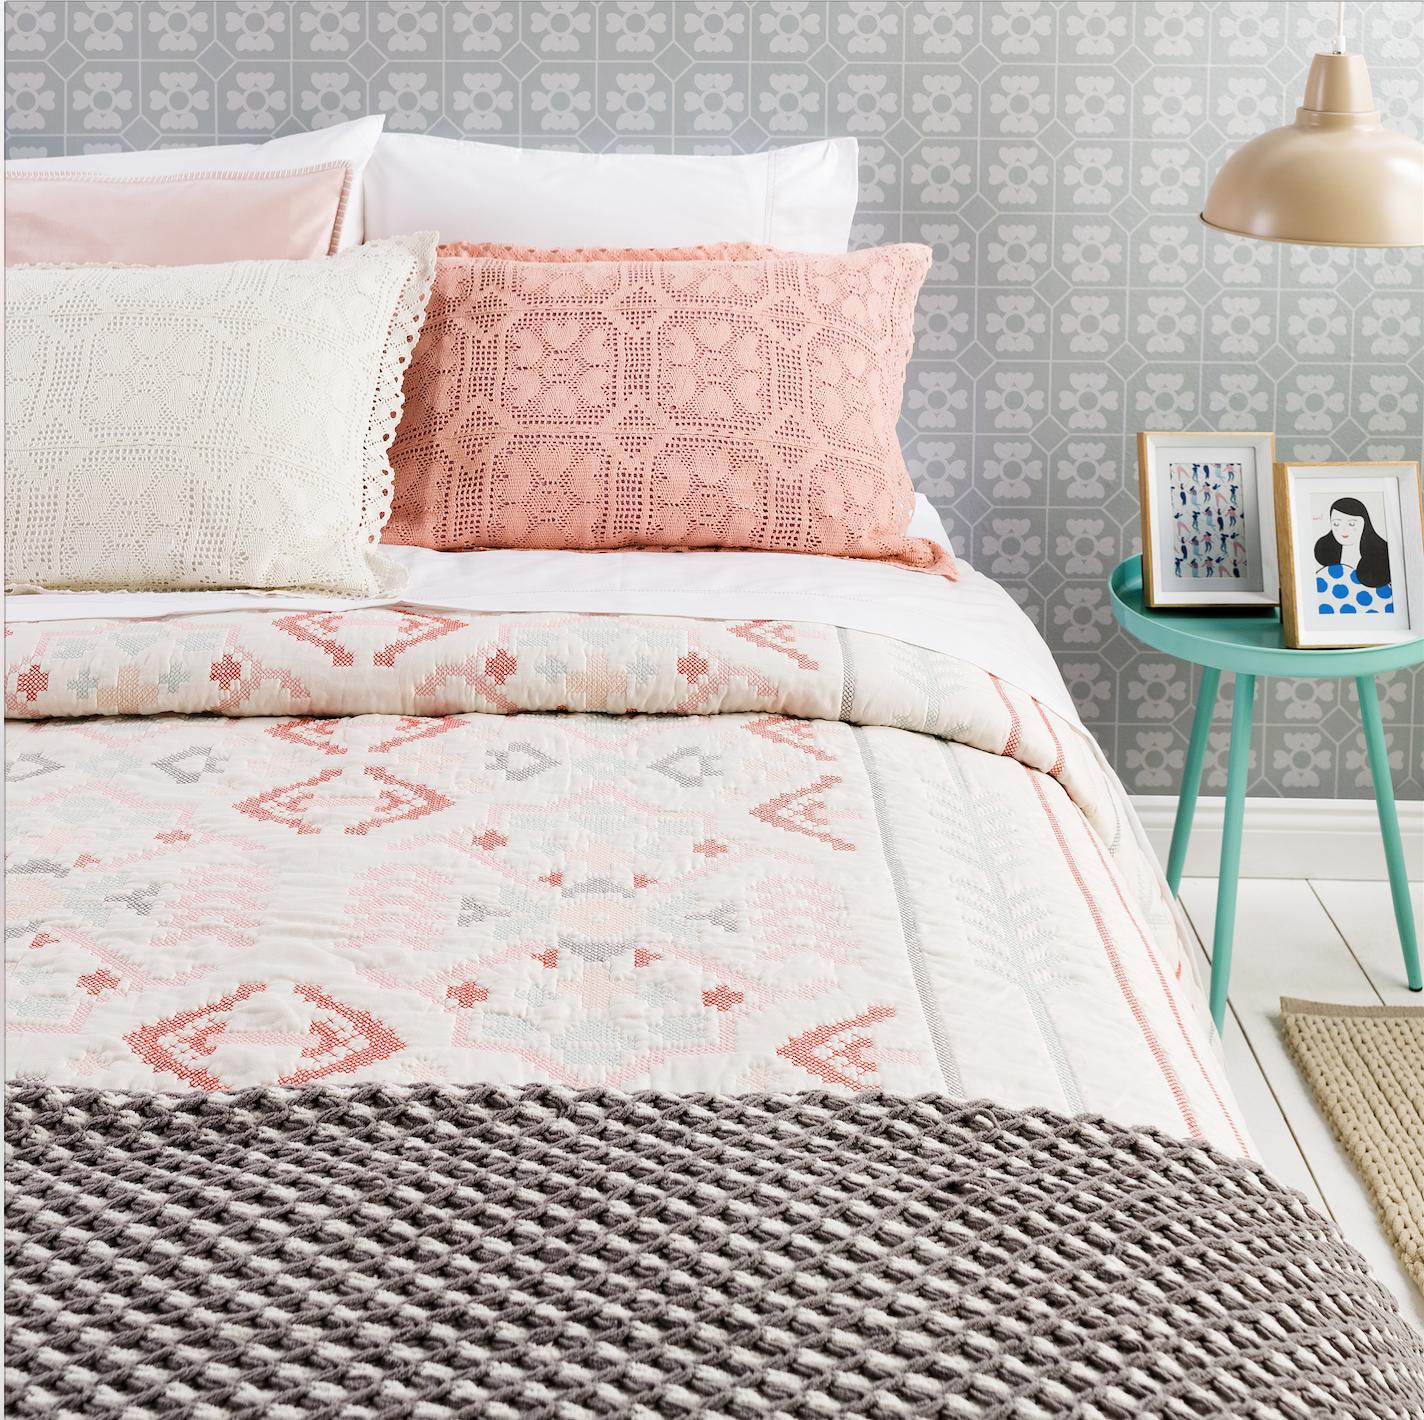 Colores y texturas para alegrar el hogar dormitorios for Curso de decoracion de interiores zona norte